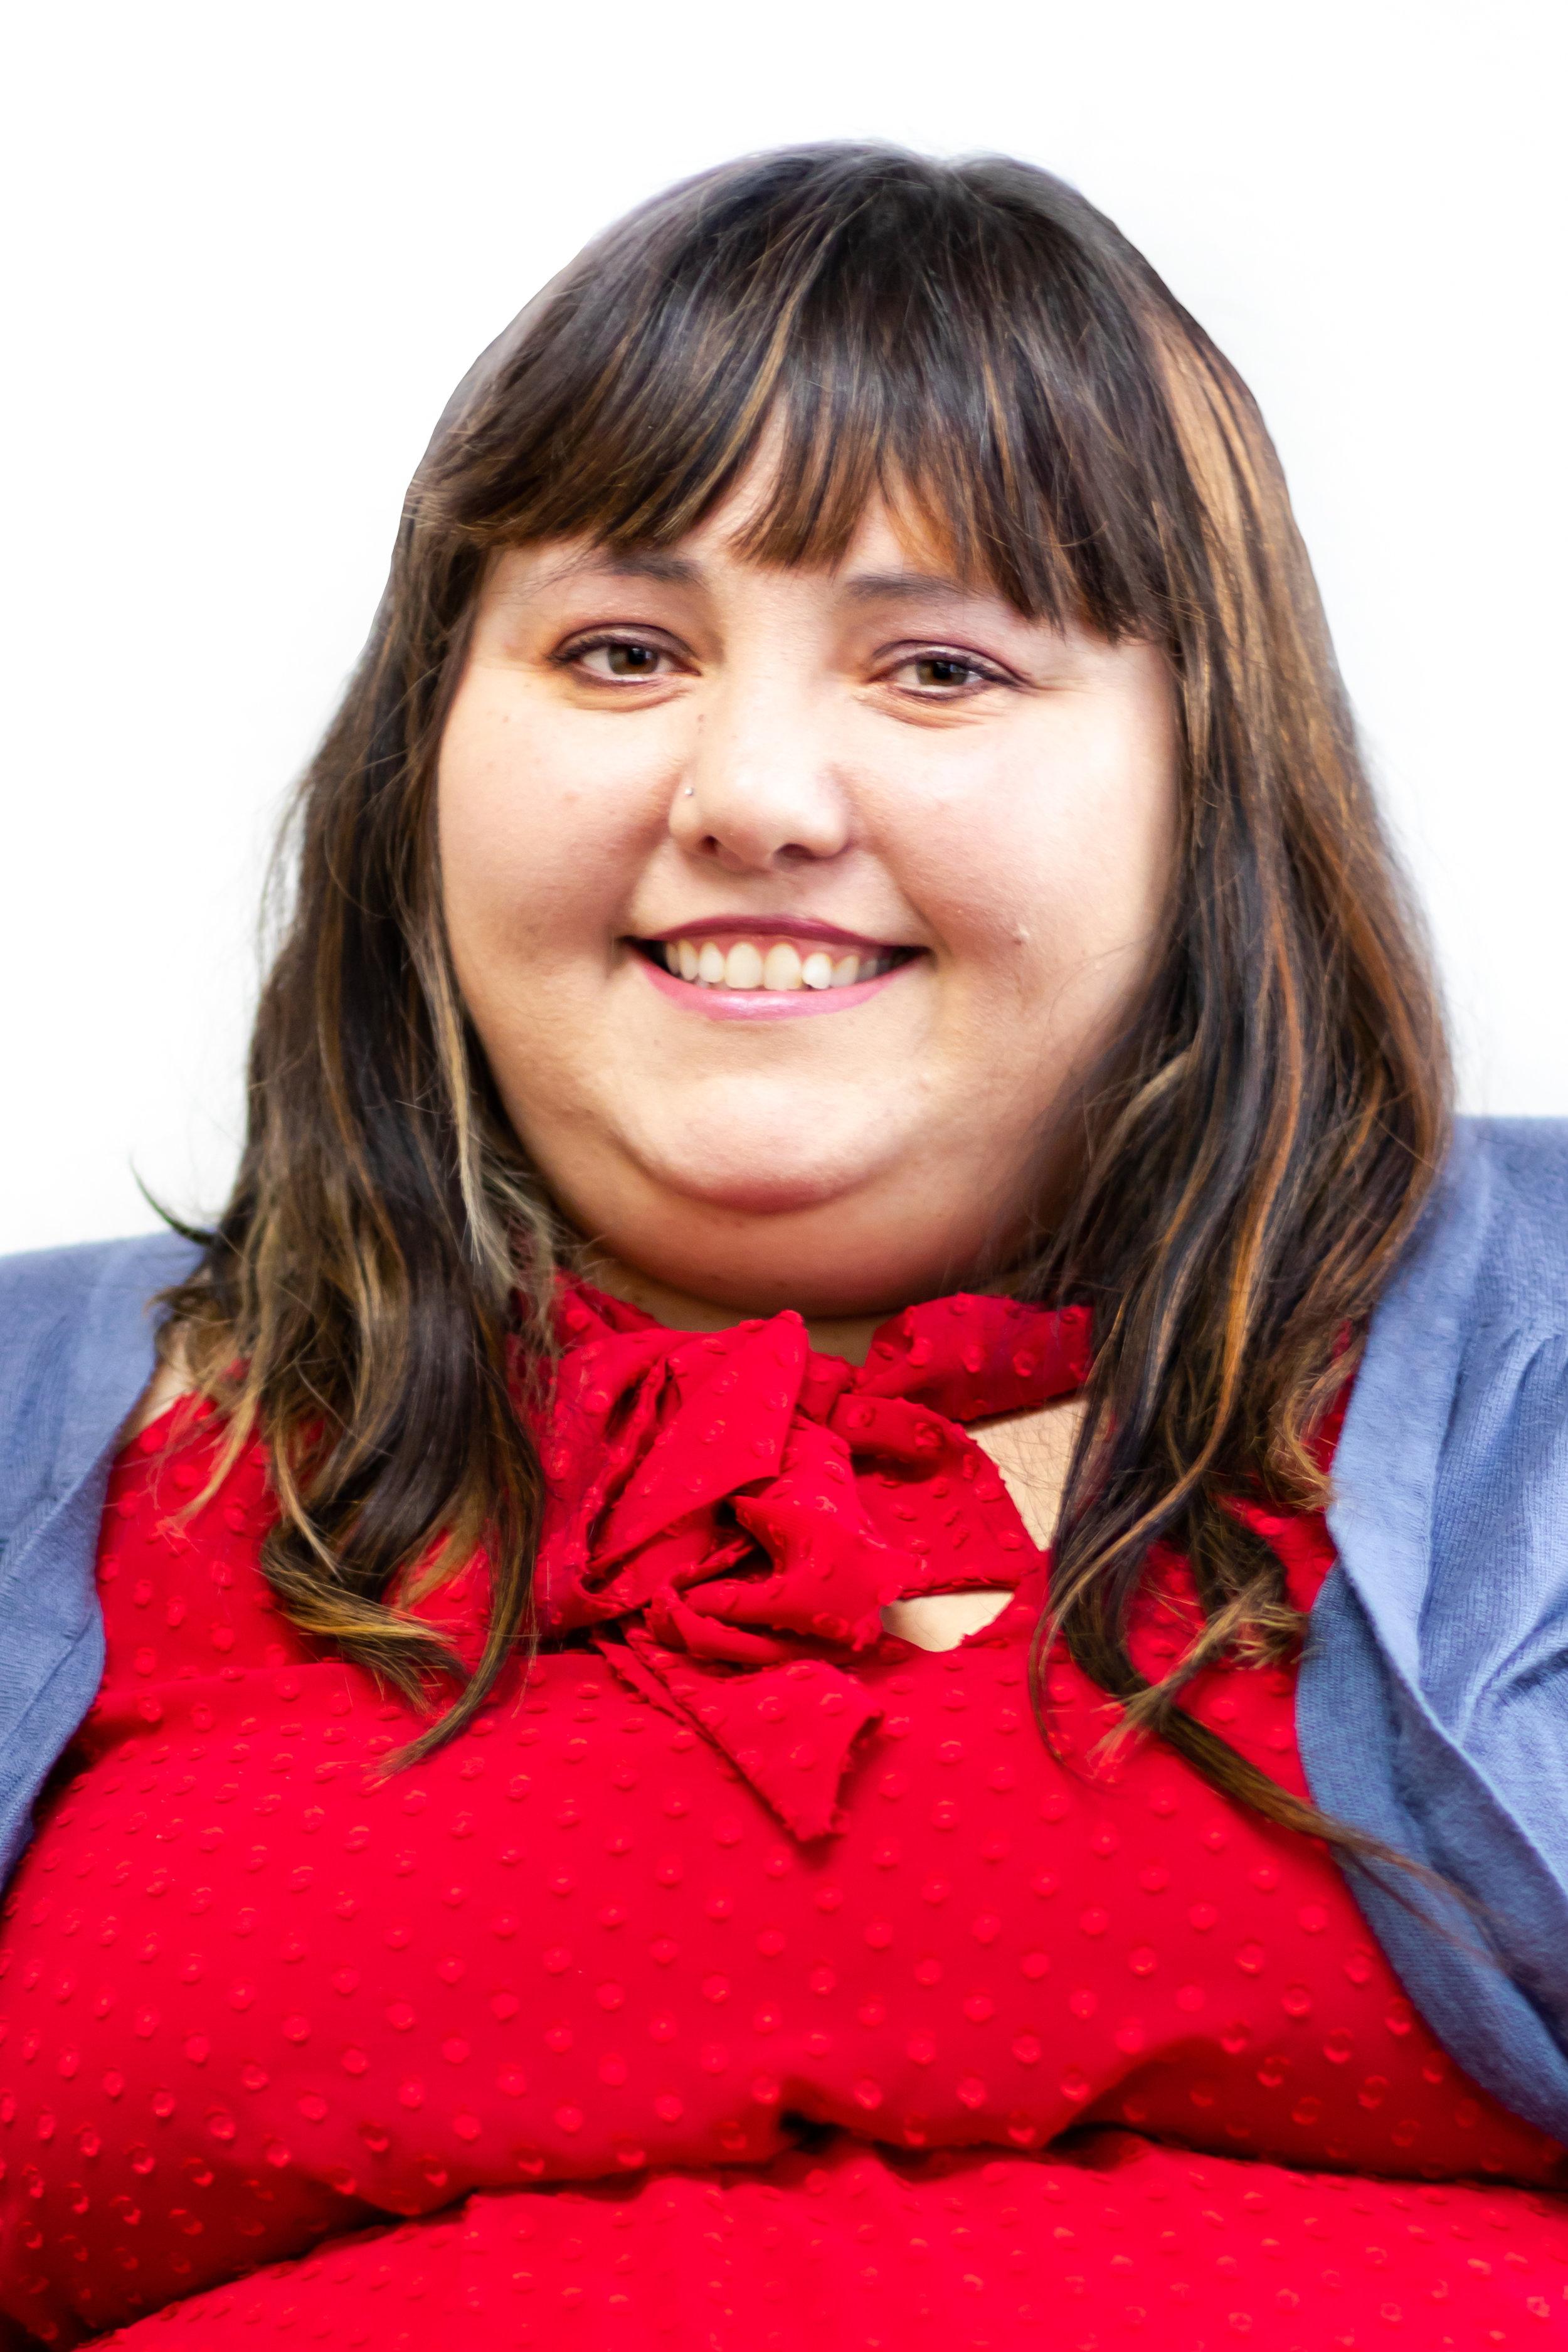 Amanda GleimLPC - Counselor